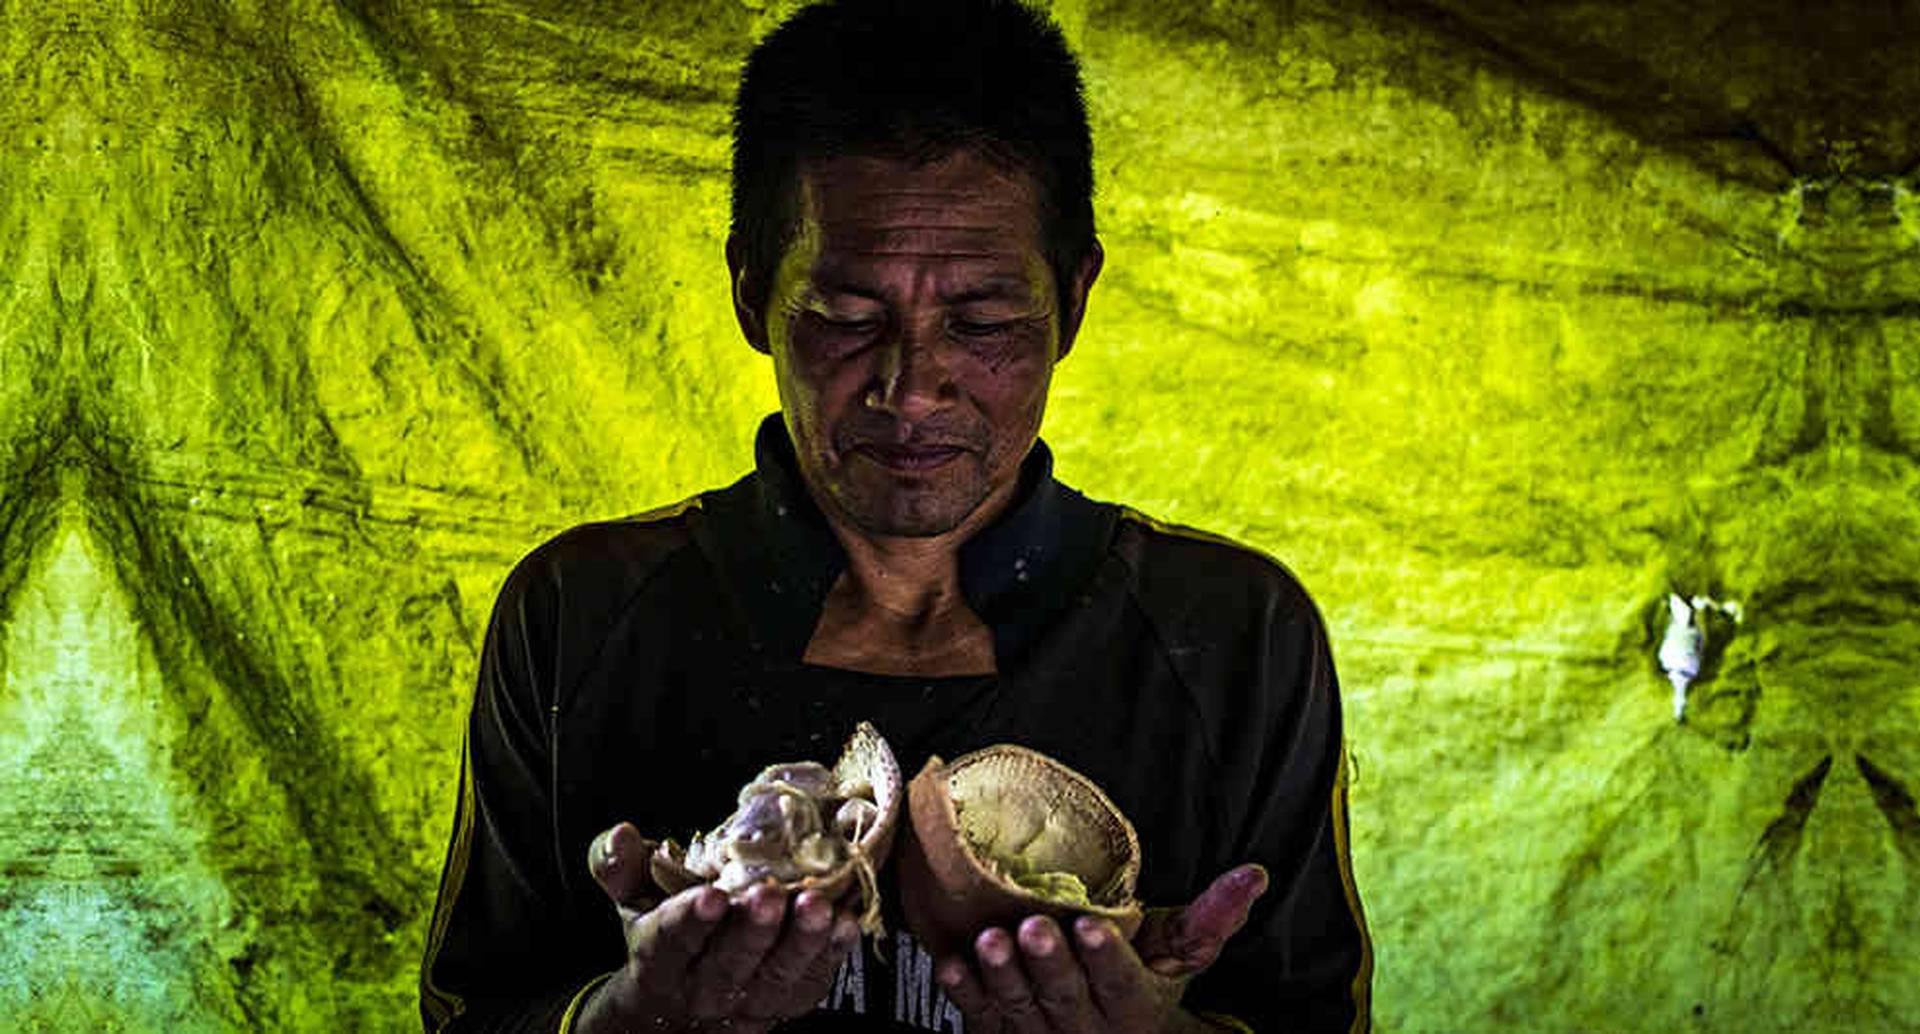 Con la recuperación de la paz y la protección de los derechos en los territorios, también llega la seguridad alimentaria para sus habitantes.